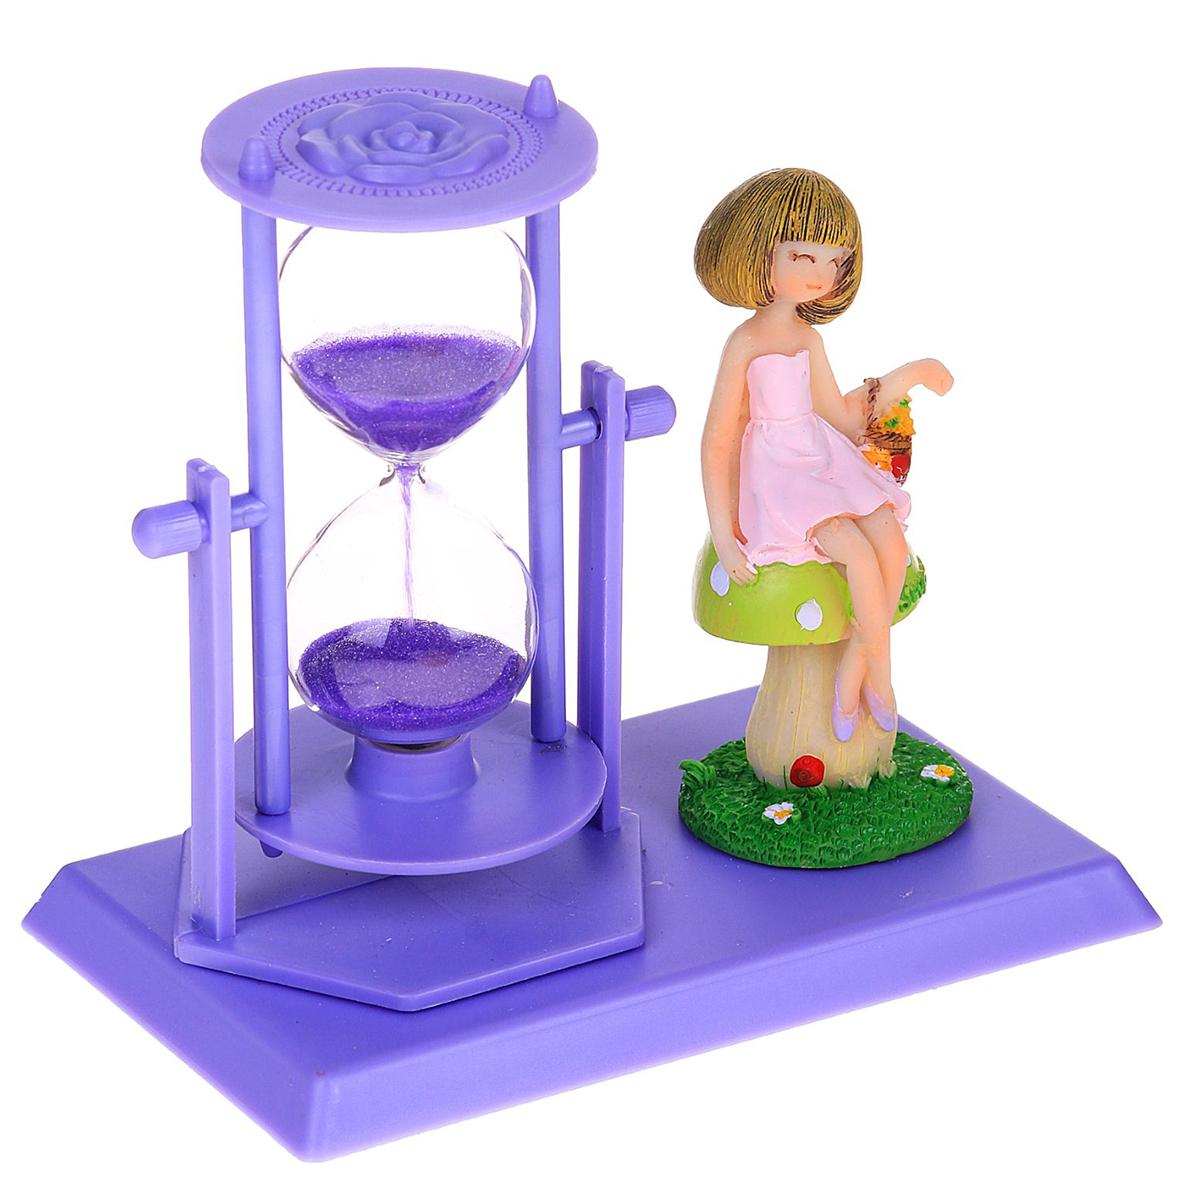 Песочные часы Цветы. Девочка на грибочке, цвет: фиолетовый, 14 х 13 х 9 см2355530Каждому хозяину периодически приходит мысль обновить свою квартиру, сделать ремонт, перестановку или кардинально поменять внешний вид каждой комнаты. — привлекательная деталь, которая поможет воплотить вашу интерьерную идею, создать неповторимую атмосферу в вашем доме. Окружите себя приятными мелочами, пусть они радуют глаз и дарят гармонию.Часы песочные, серия Цветы, фиолетовые, девочка на грибочке, 14*13*9см 2355530